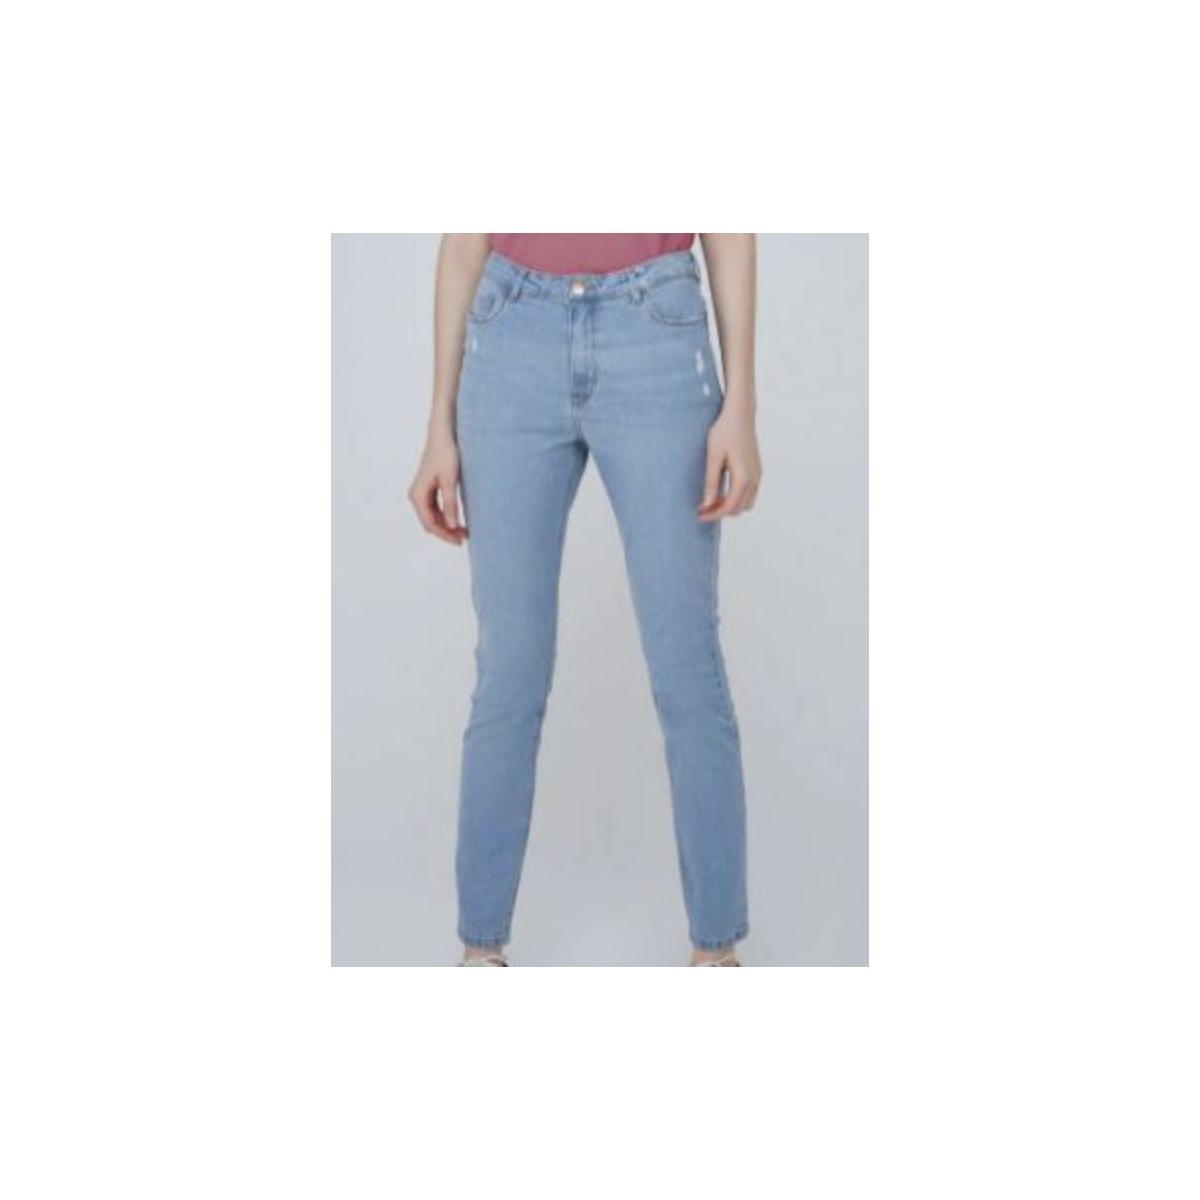 Calça Feminina Dzarm Zu75 1csn Jeans